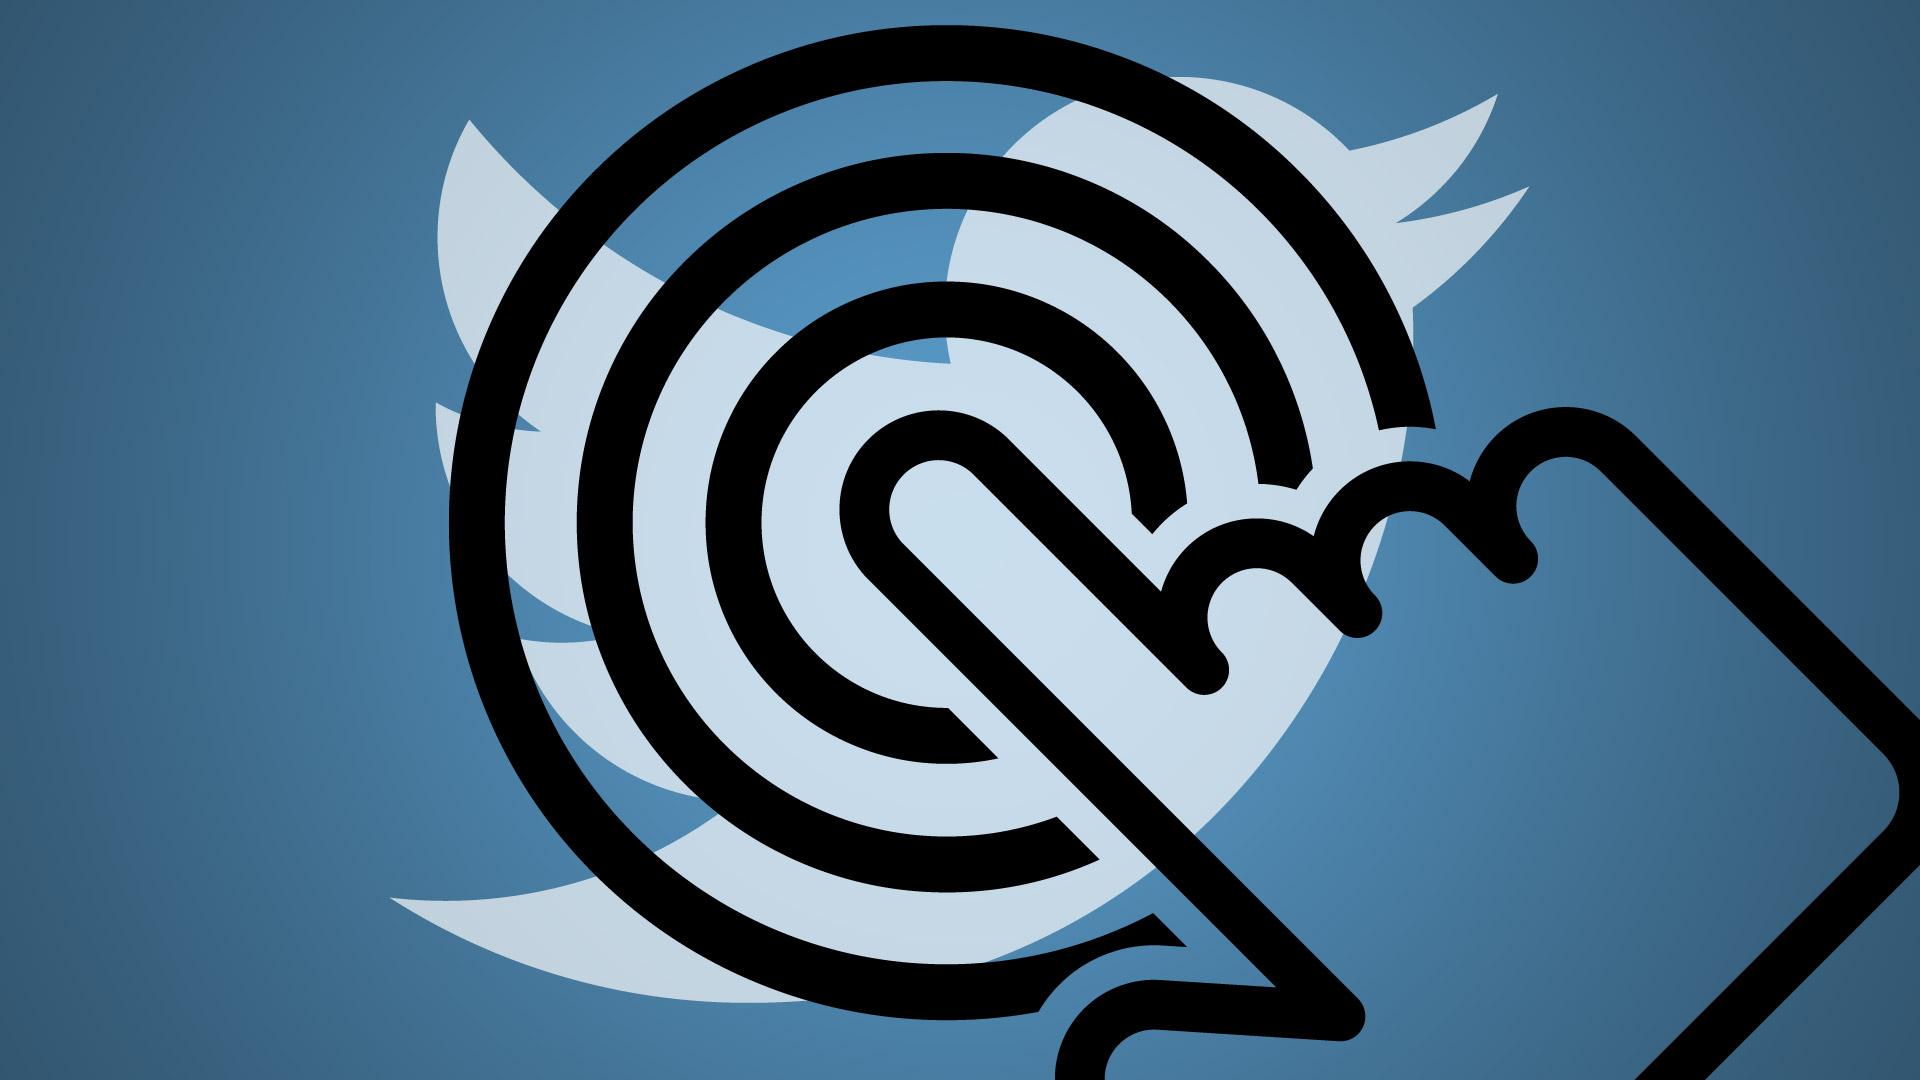 twitter-ads3-ss-1920